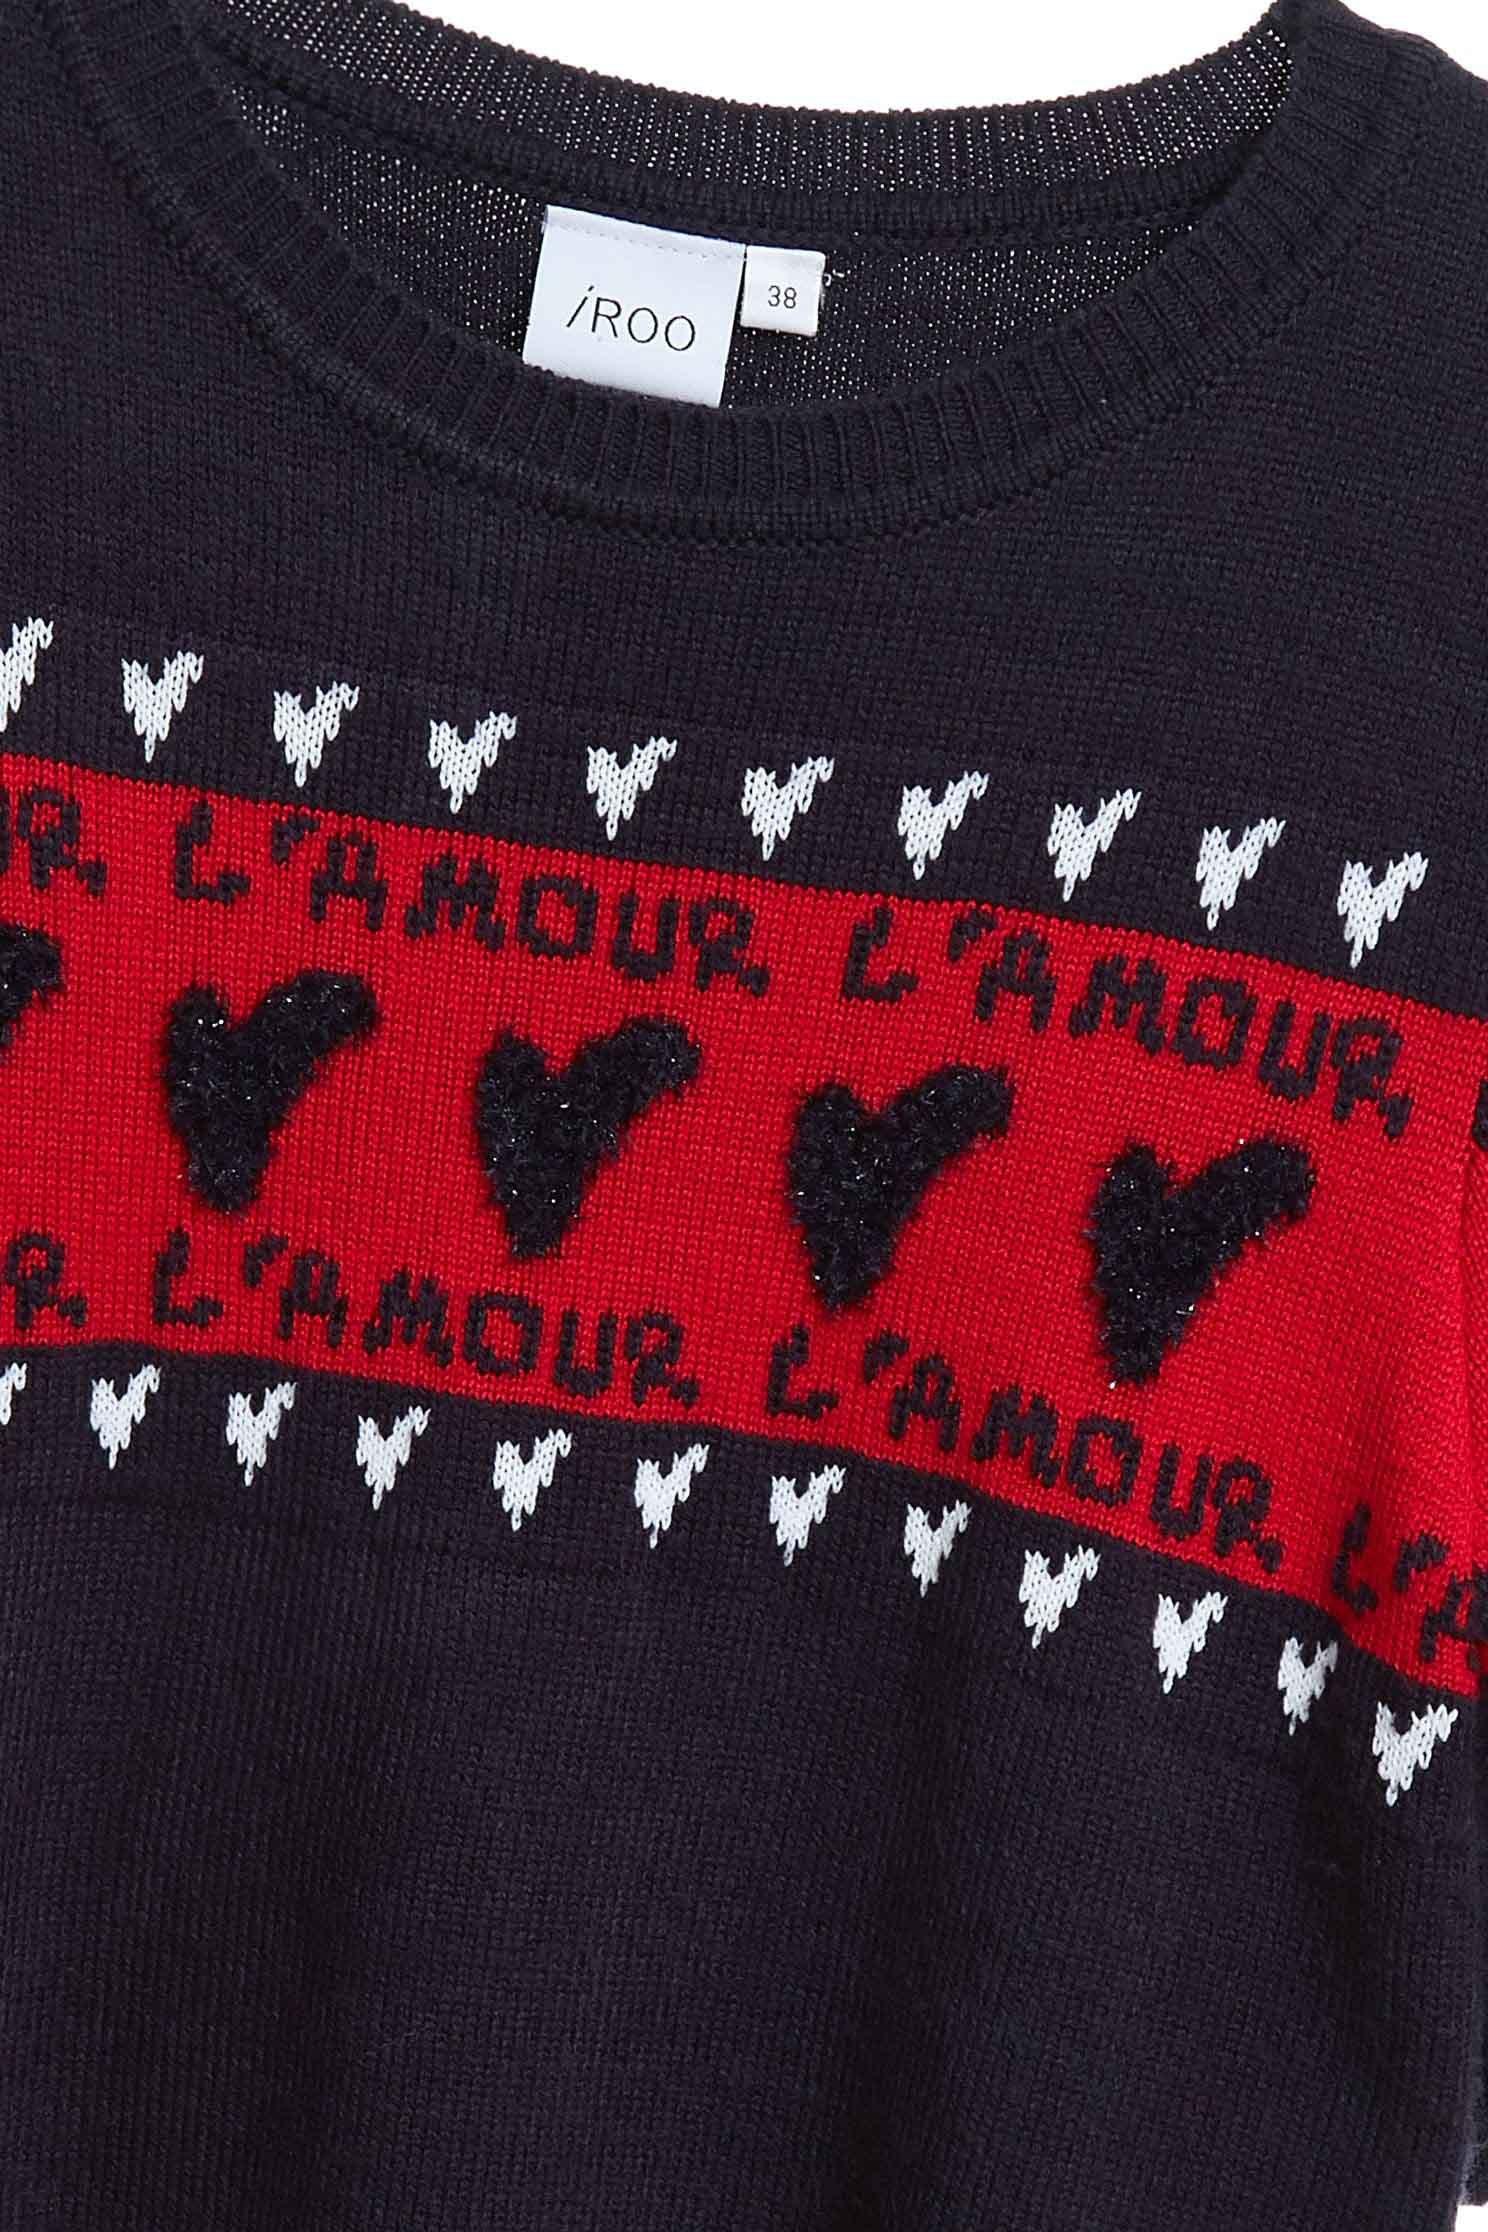 Short-sleeved patterned knitwear,newyearred,shortsleevetop,knitting,knittedtop,knittedtop